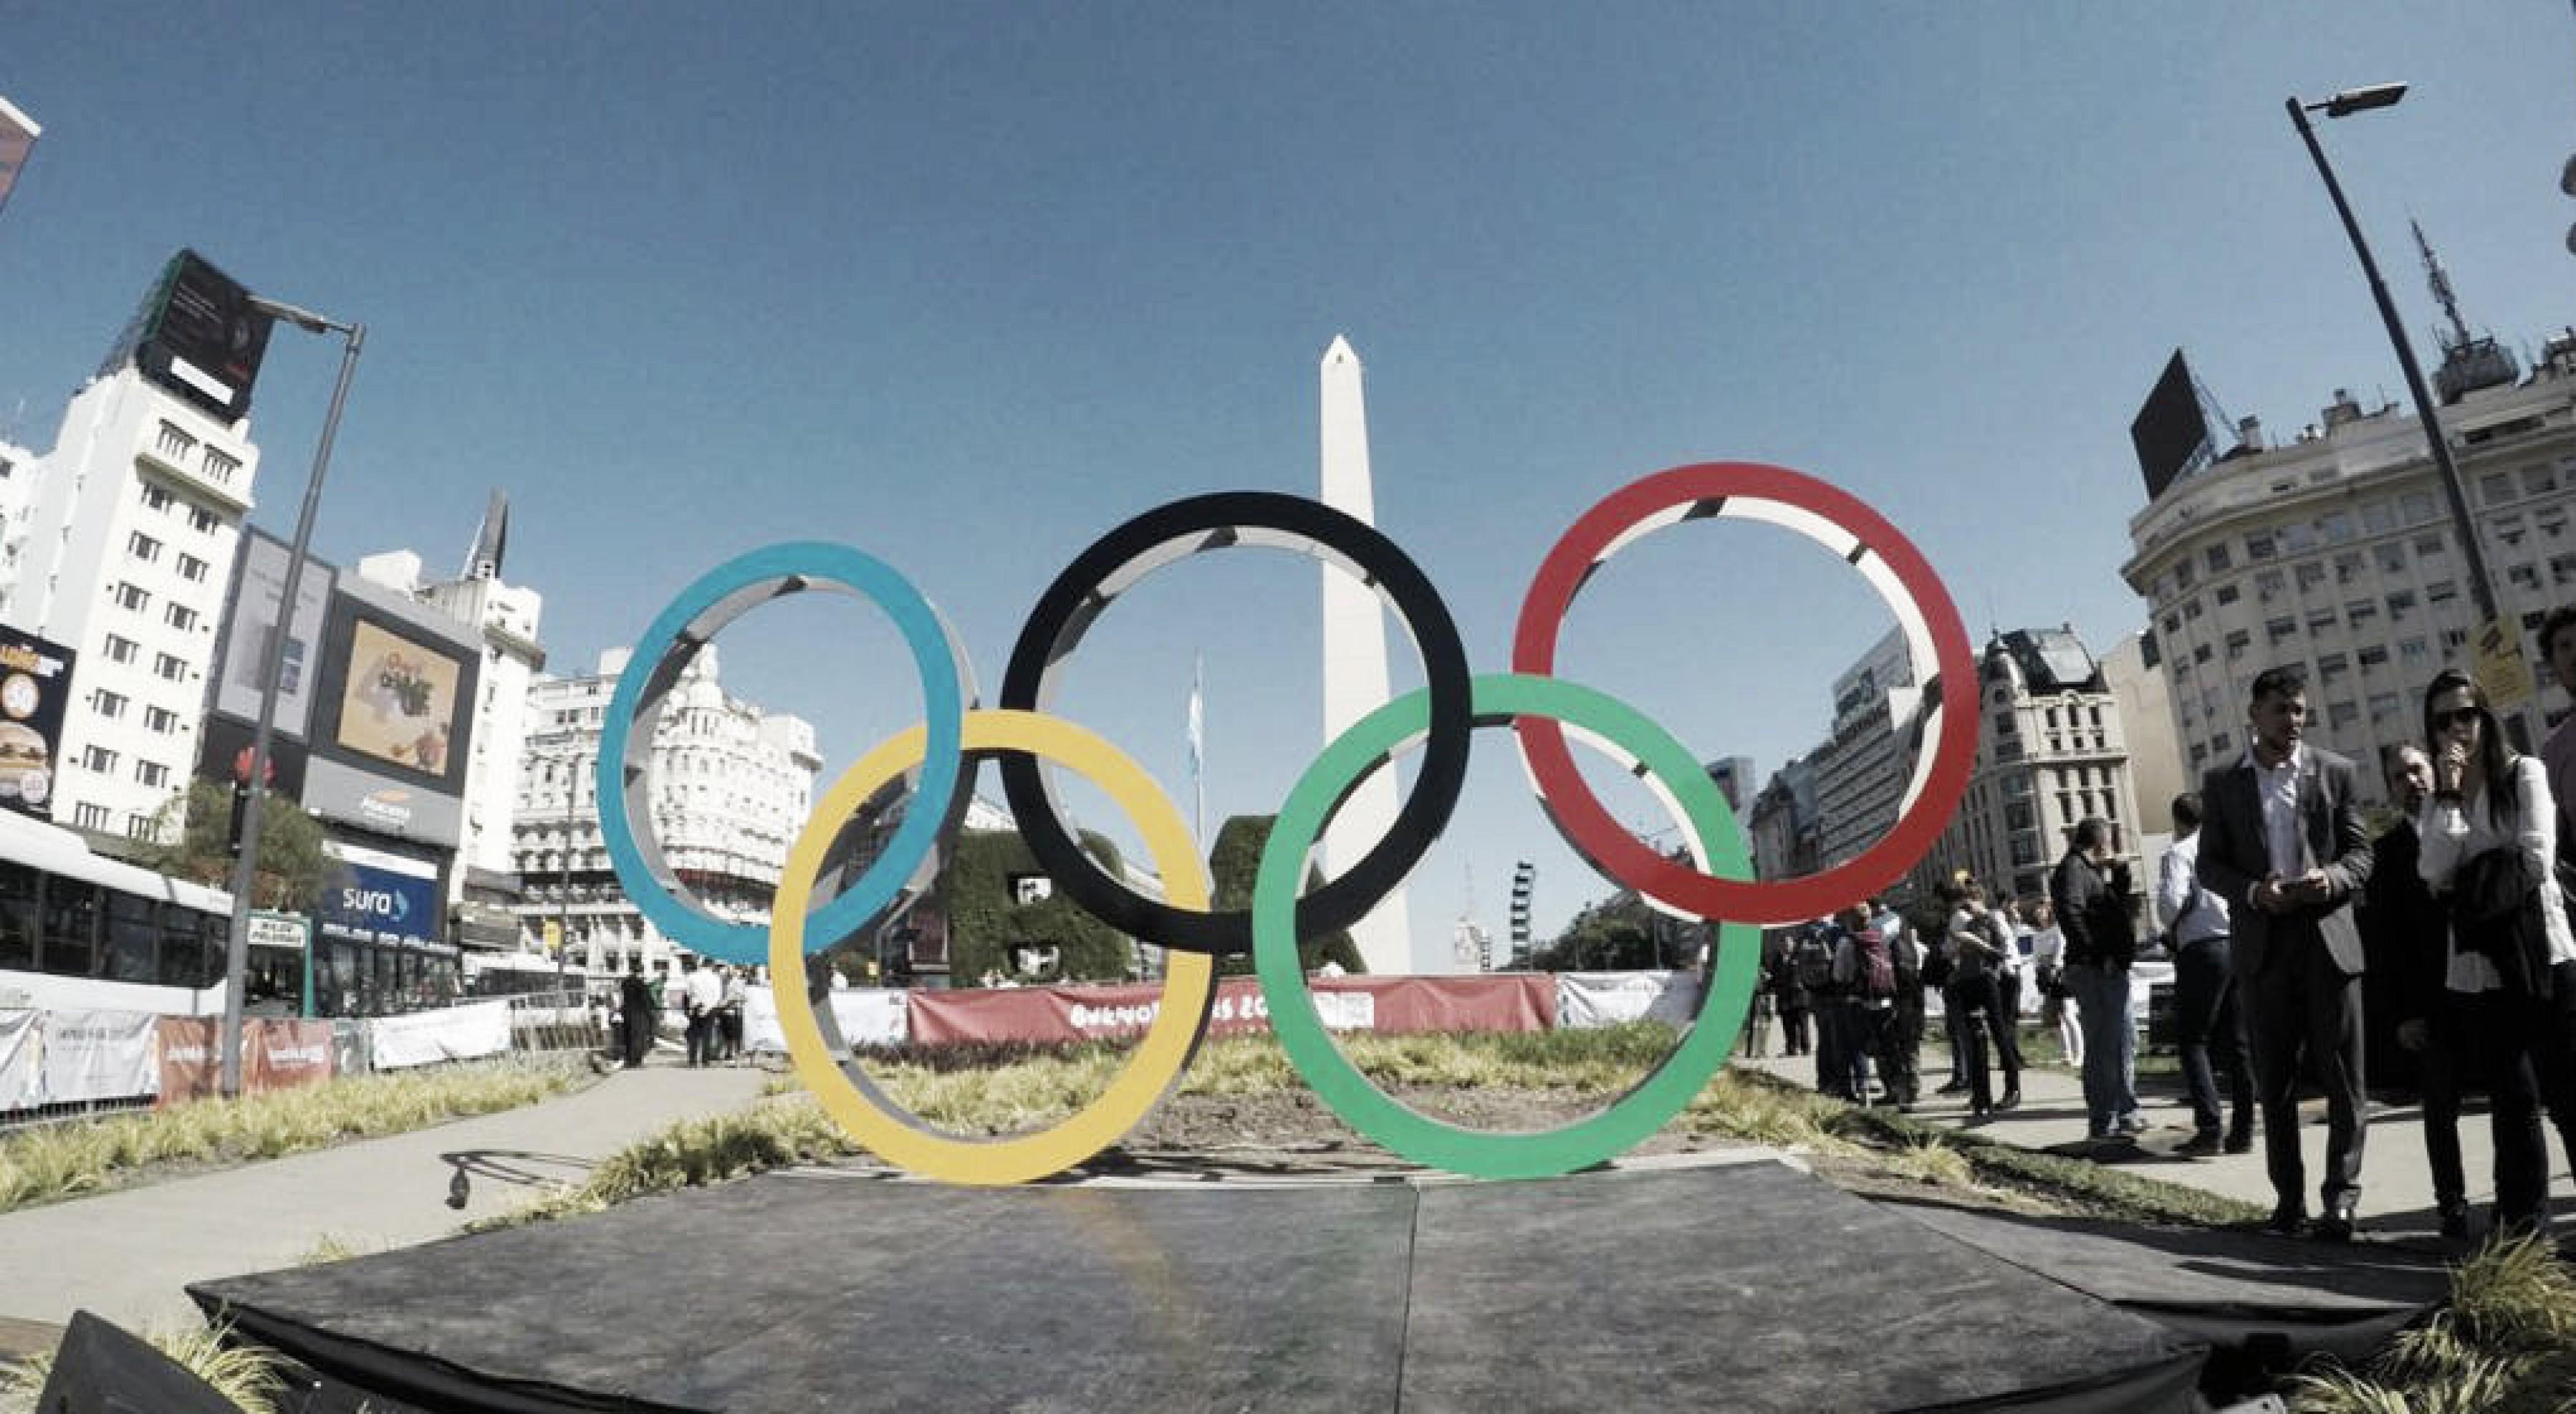 Conociendo los Juegos Olímpicos de la Juventud